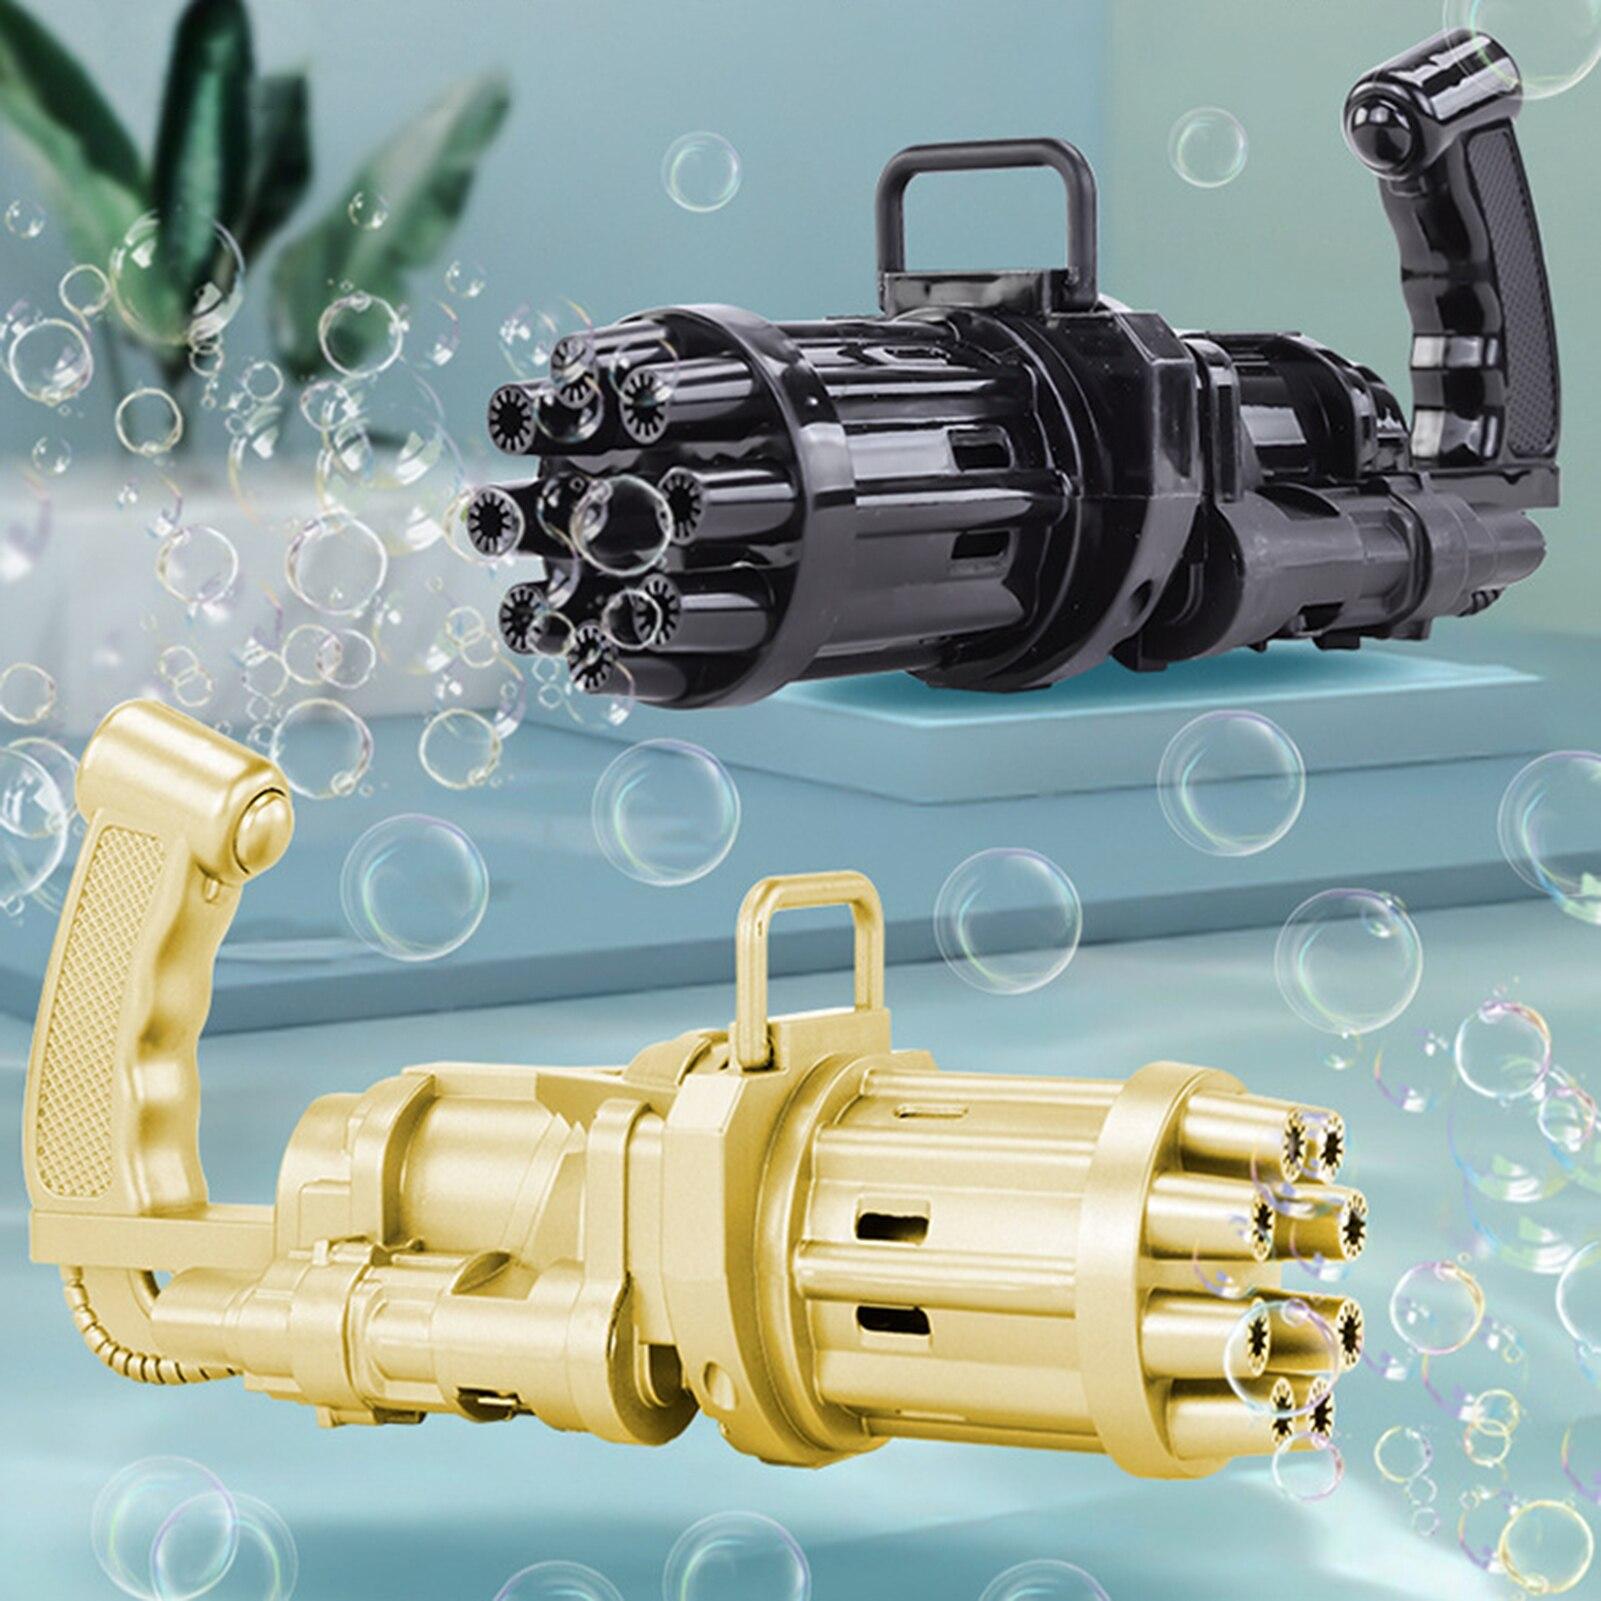 Детский автоматический пистолет для пузырей Gatling, игрушки, летняя машина для мыльных пузырей с водой 2 в 1, электрическая машина для пузырей д...